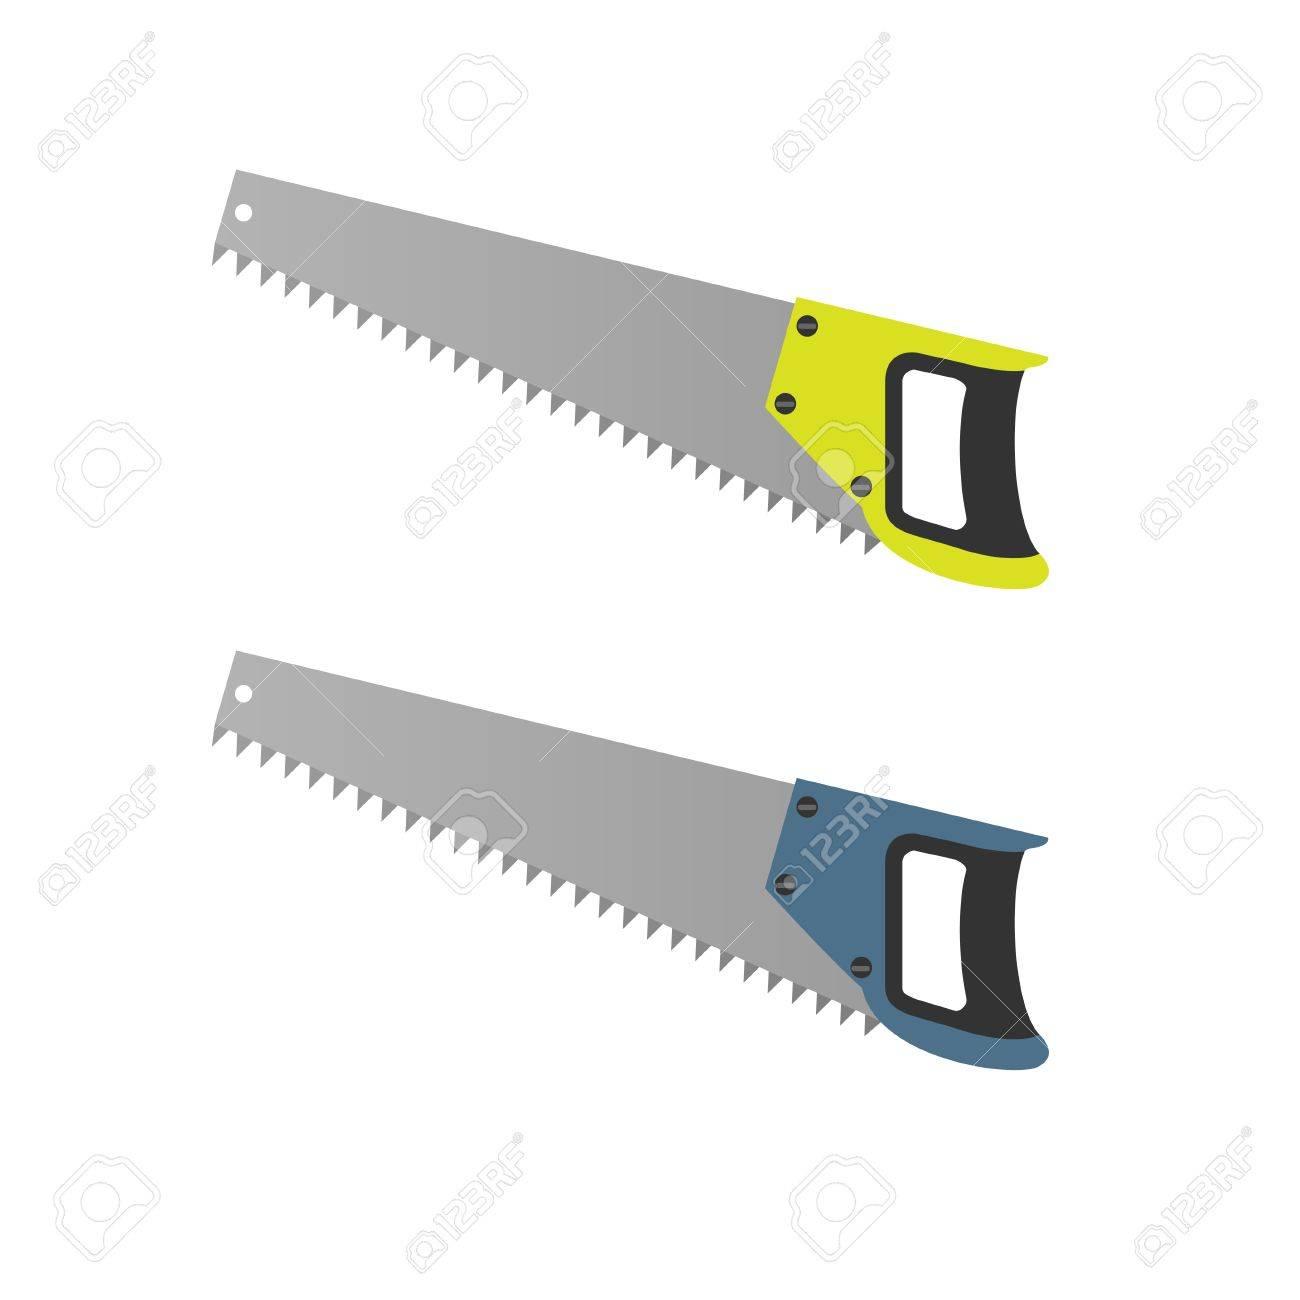 手鋸セット大工道具ベクトル イラストのイラスト素材ベクタ